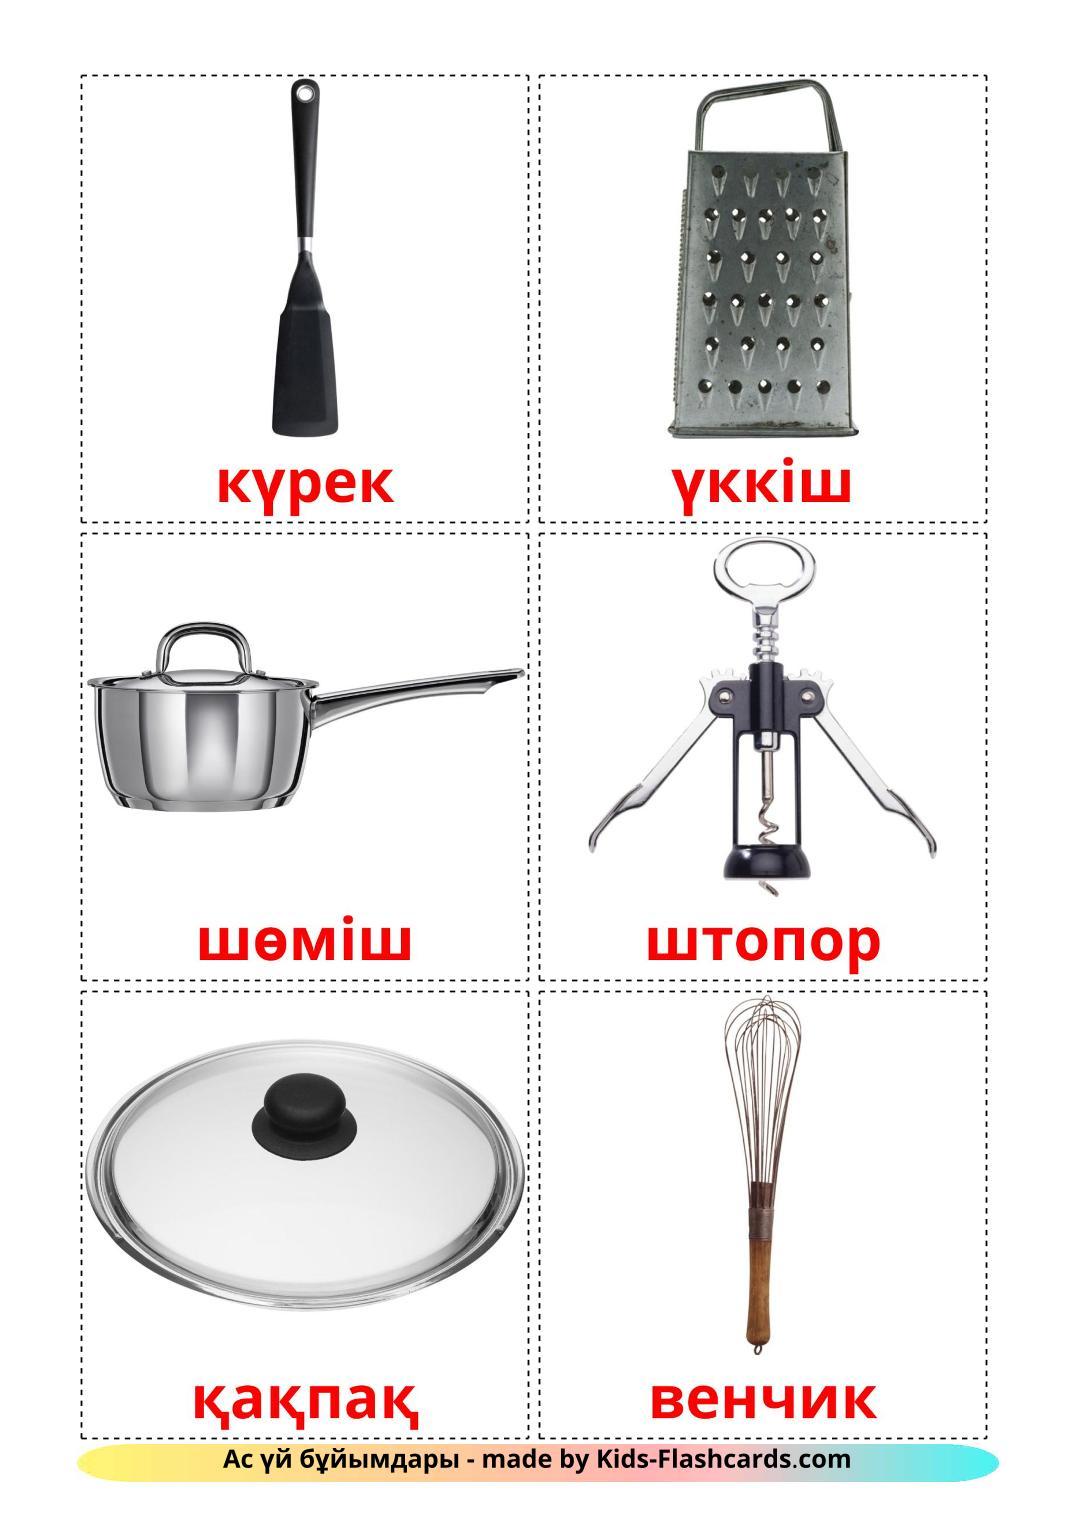 Kitchenware - 35 Free Printable kazakh Flashcards